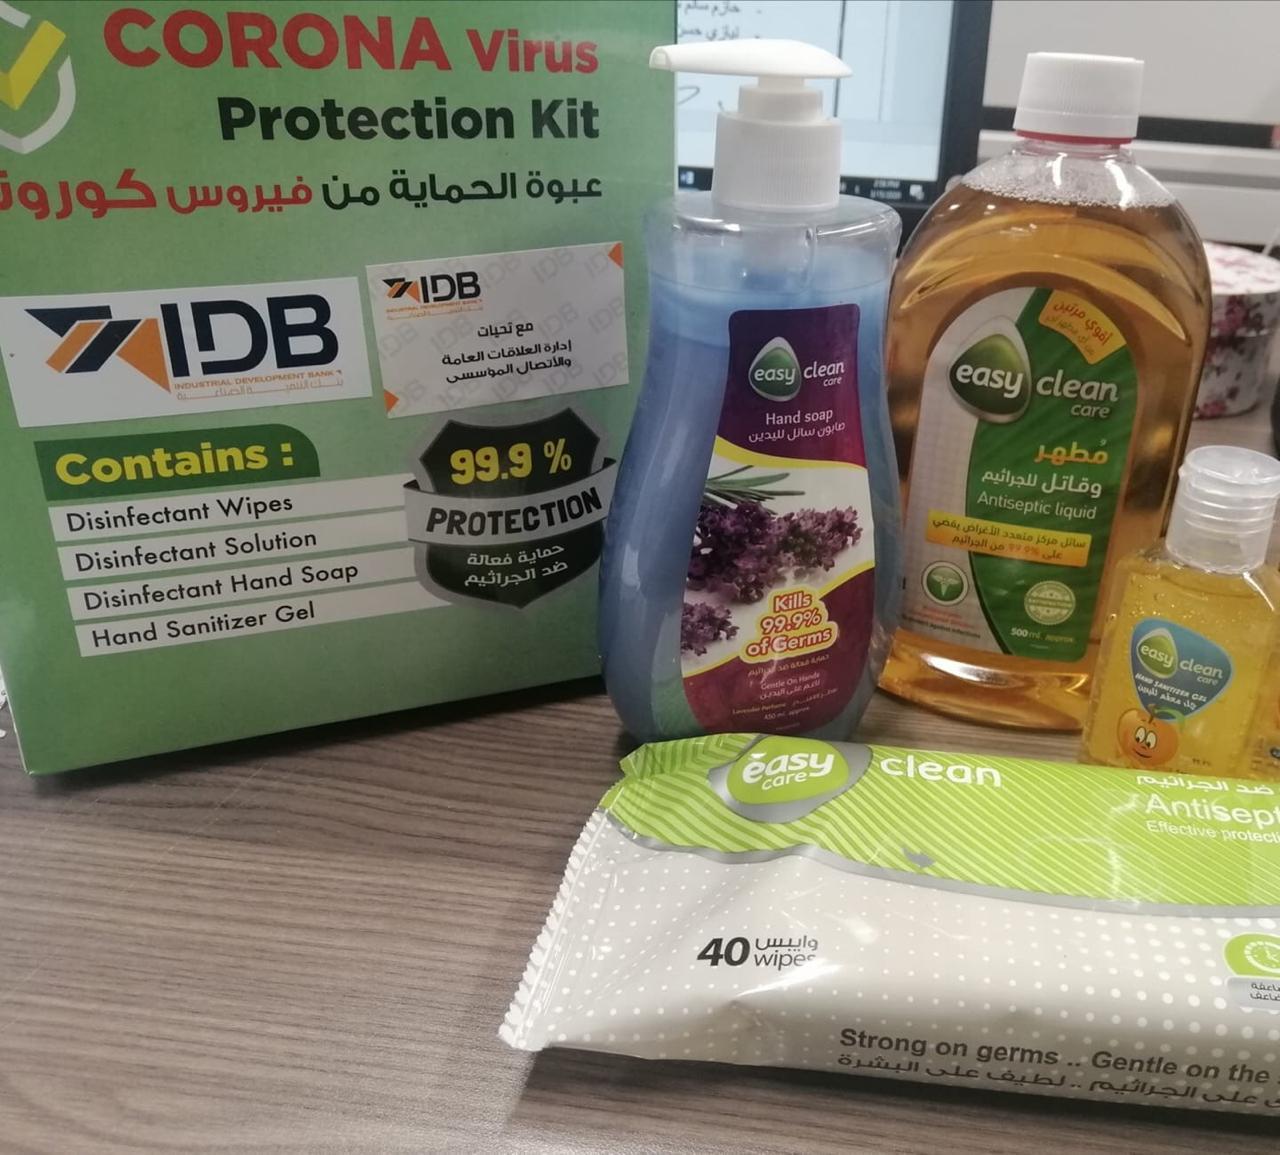 بنك التنمية الصناعية يتخذ إجراءاته الوقائية ضد فيروس كورونا المُستجد